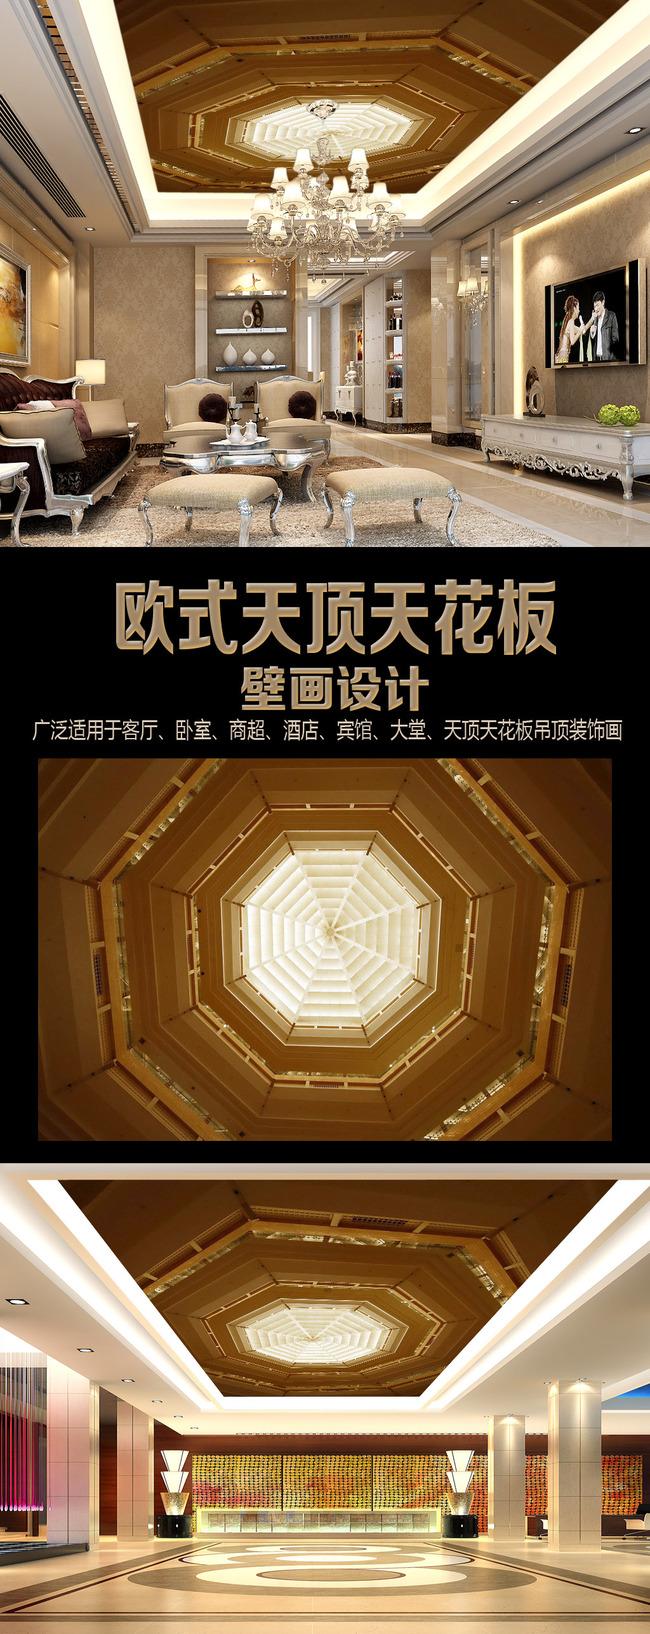 新古典主义欧式圆顶天顶天花板吊顶壁画图片